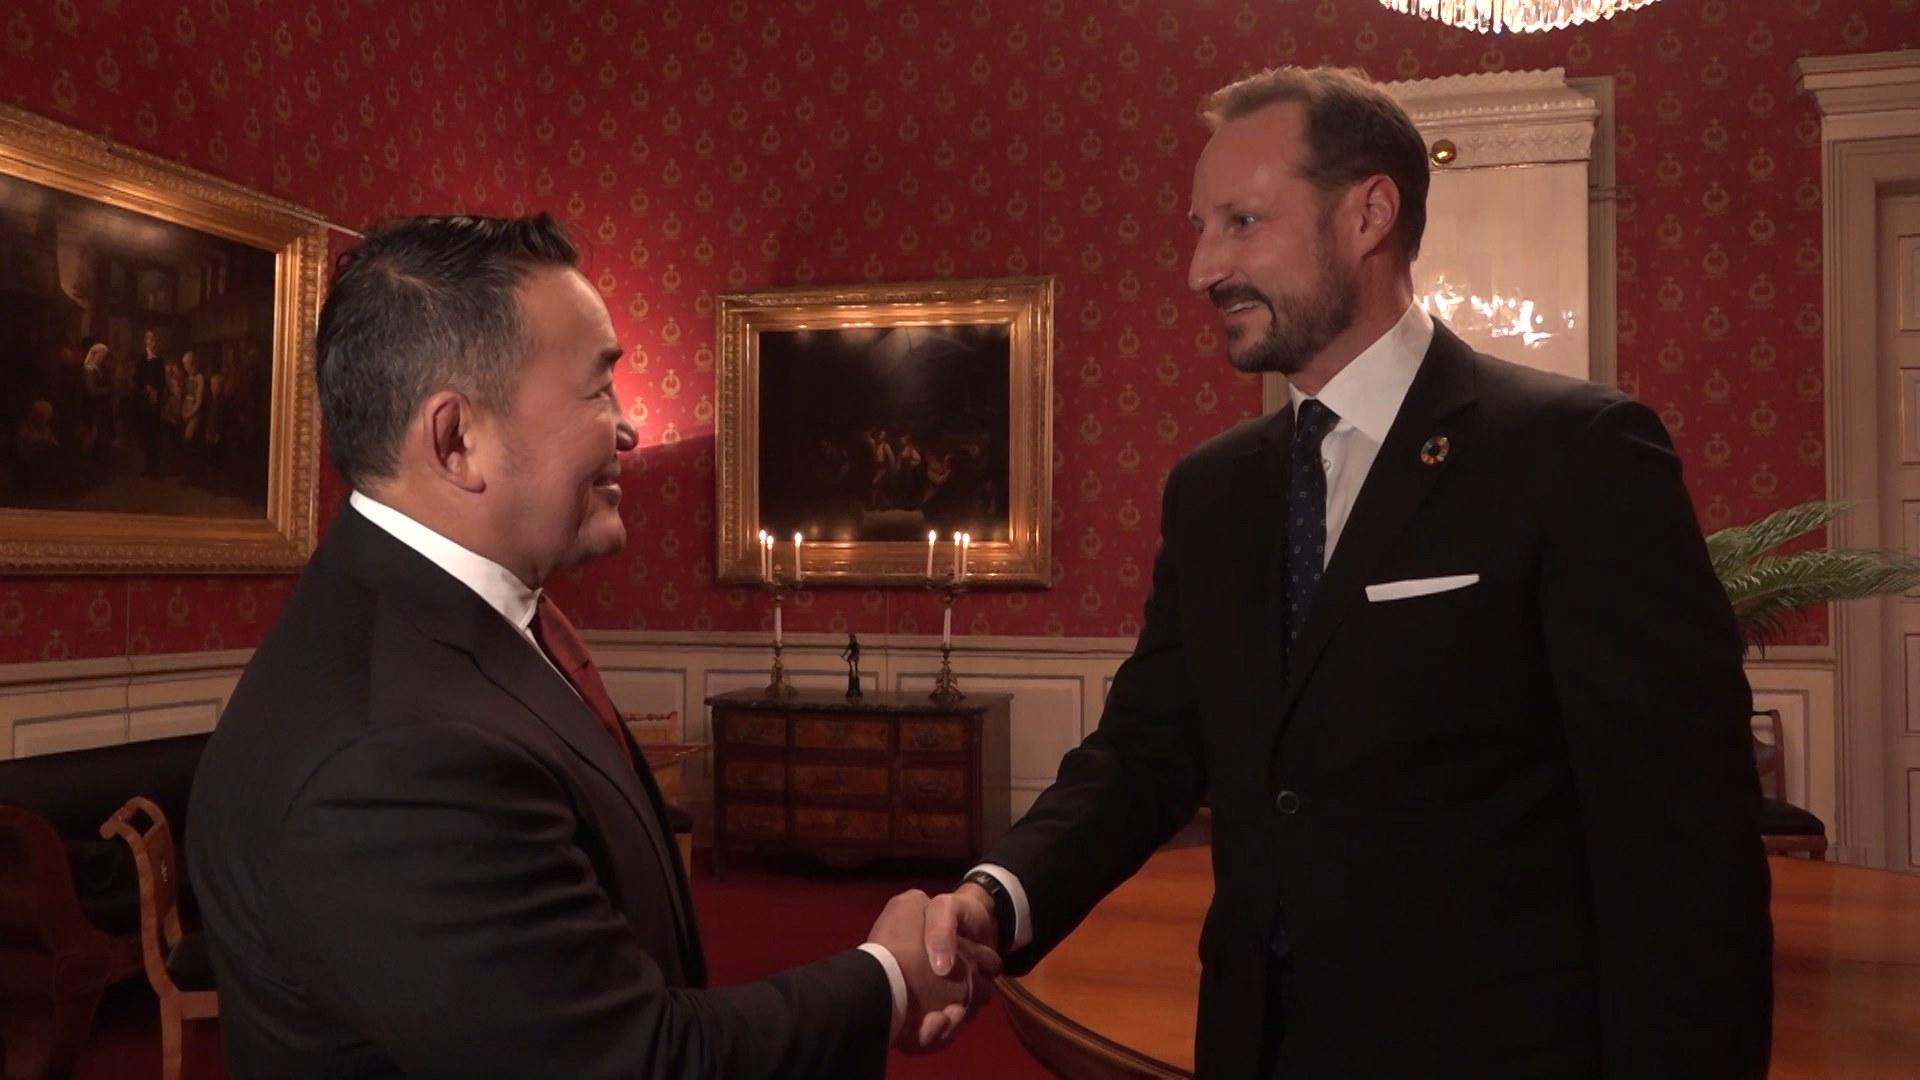 Монгол Улсын Ерөнхийлөгч Х.Баттулга Норвегийн Угсаа залгамжлах Хунтайж Хааконтой уулзлаа